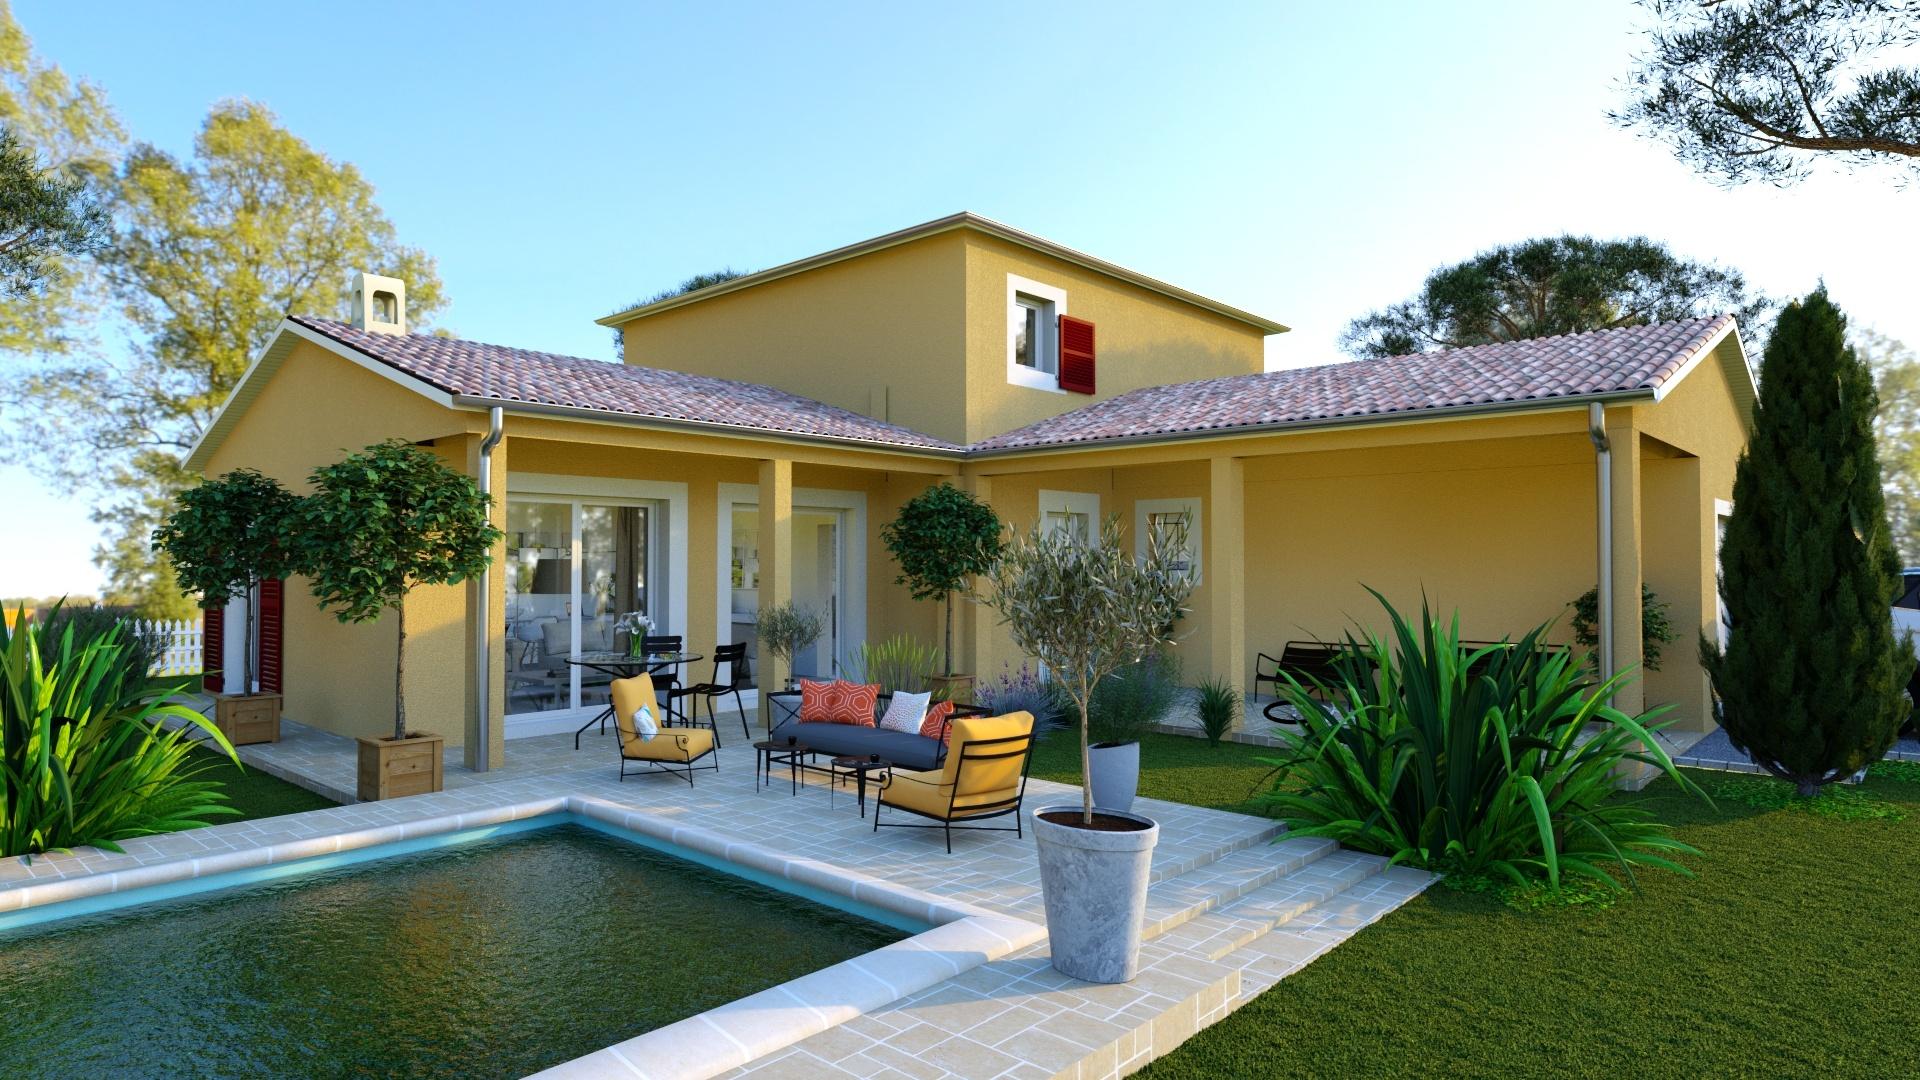 Maisons + Terrains du constructeur MAISONS LOGELIS • 116 m² • FONTAINES SAINT MARTIN